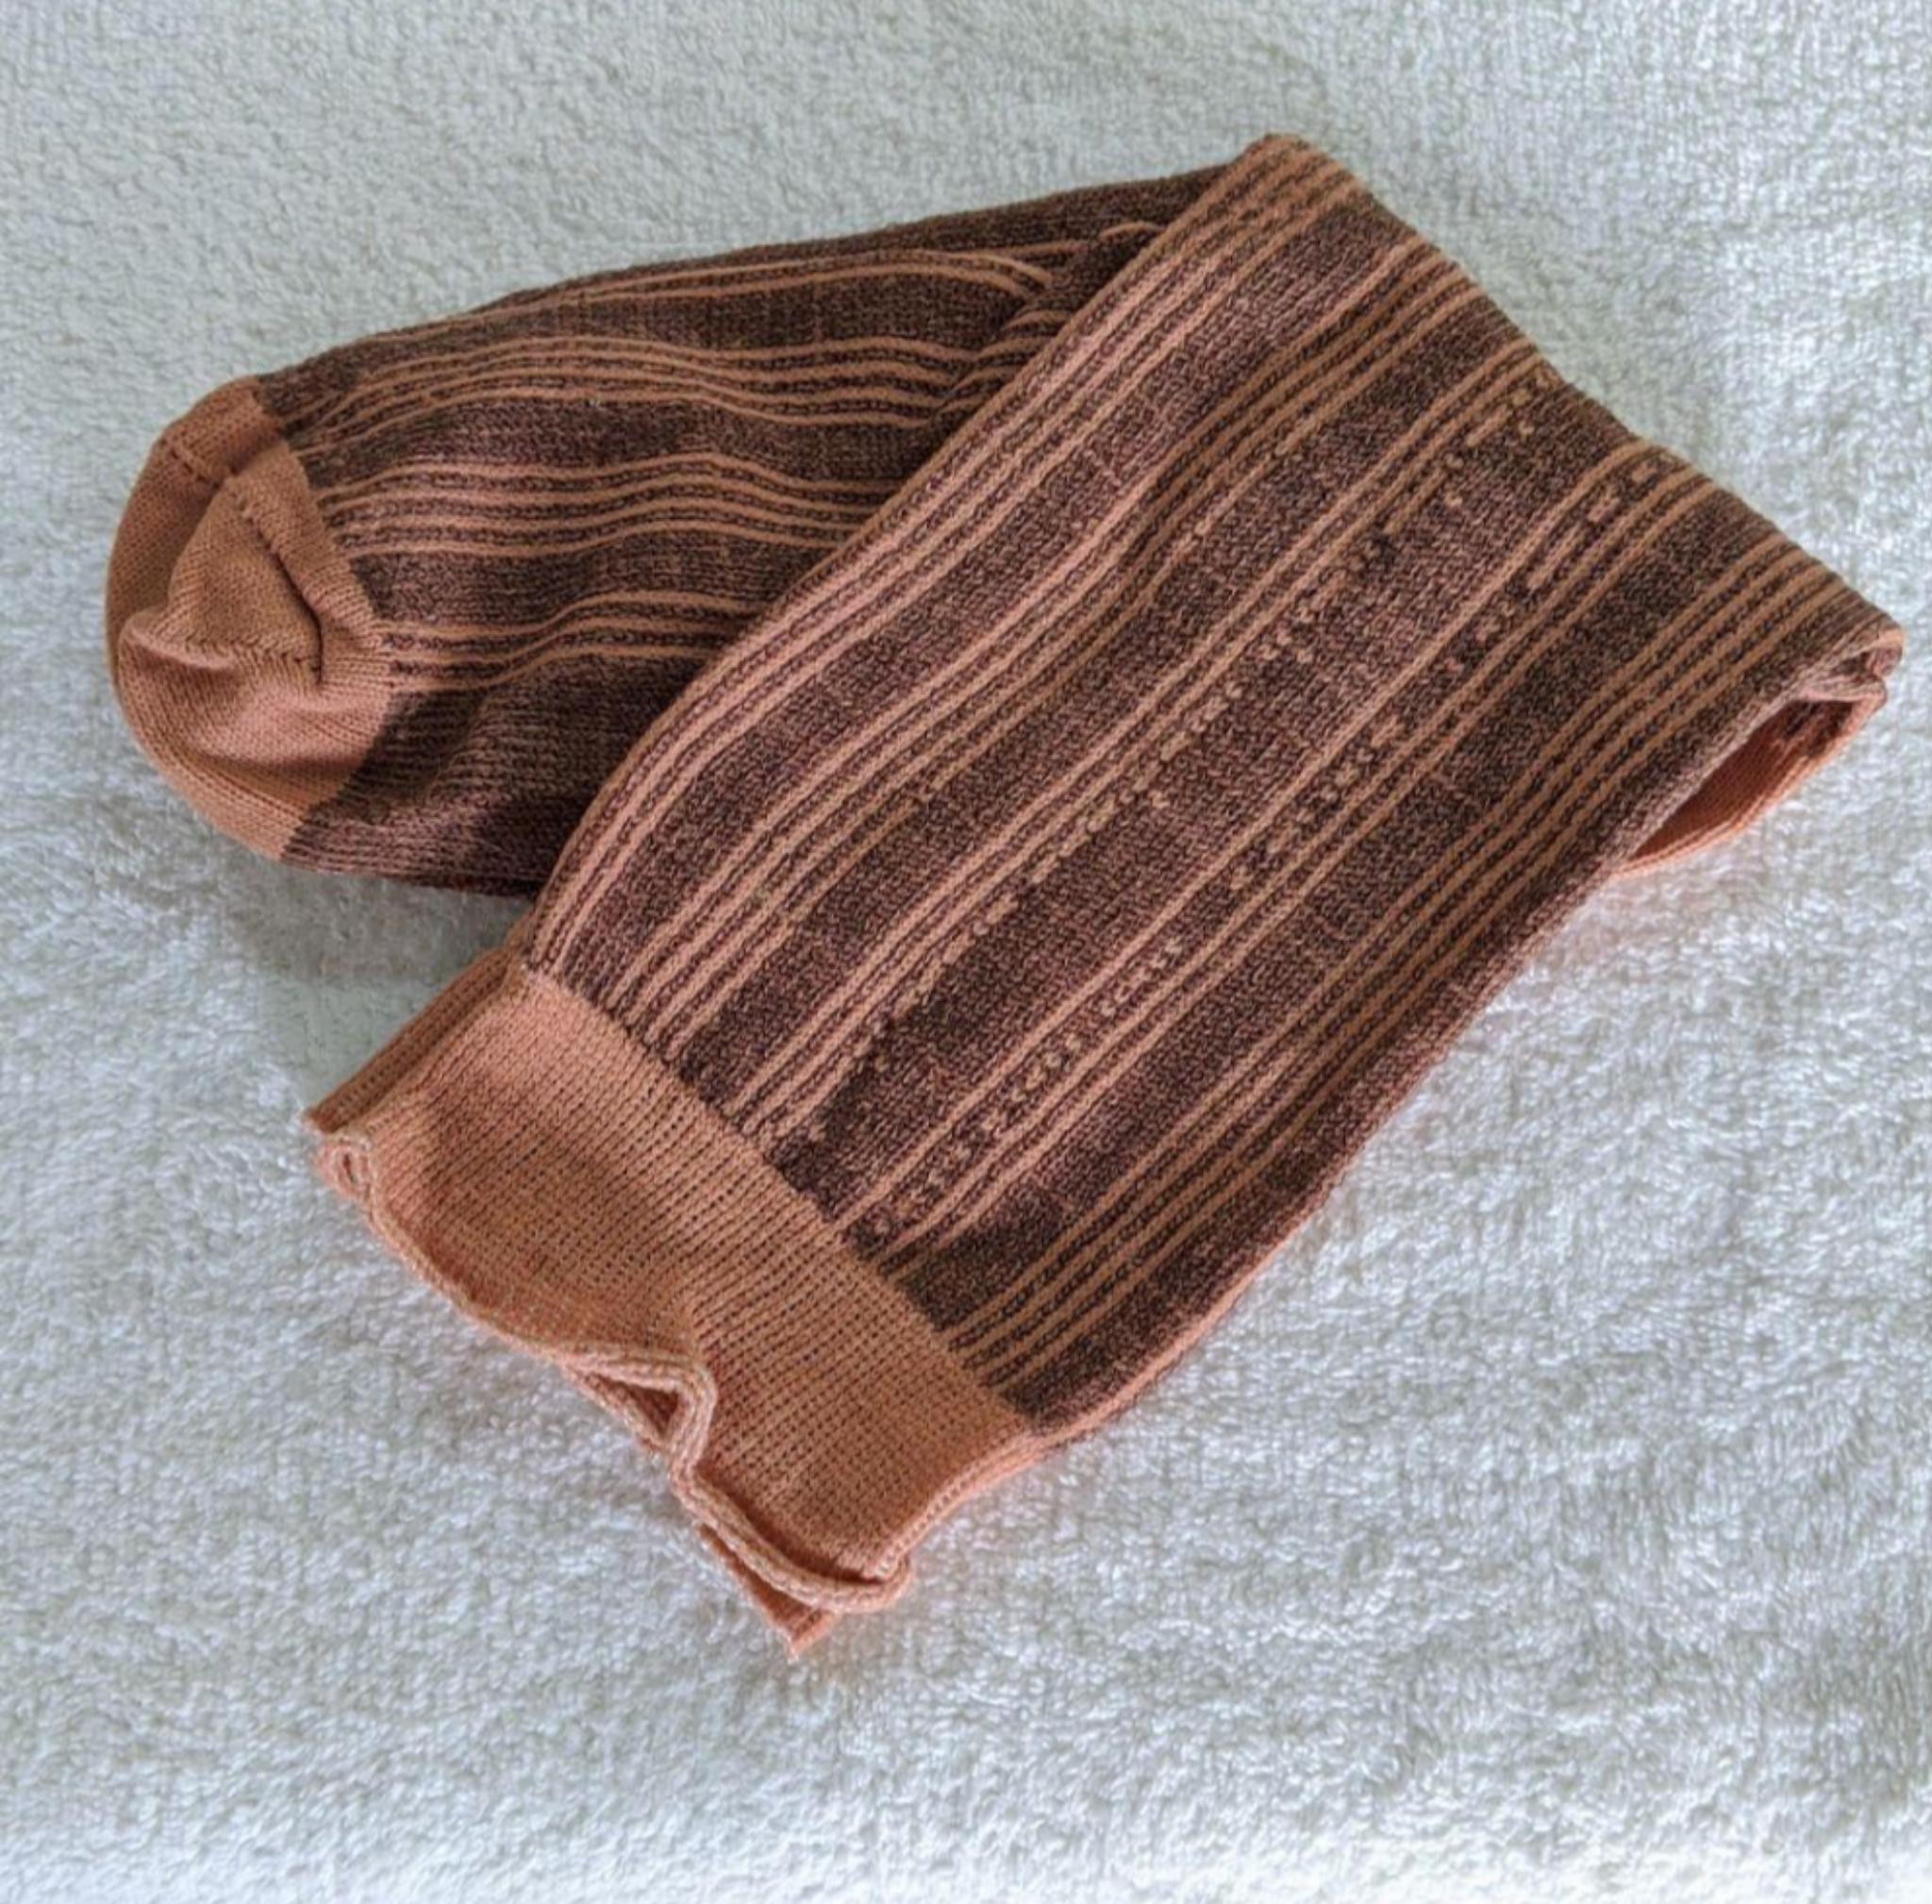 80s Vivienne westwood socks -Stripe-